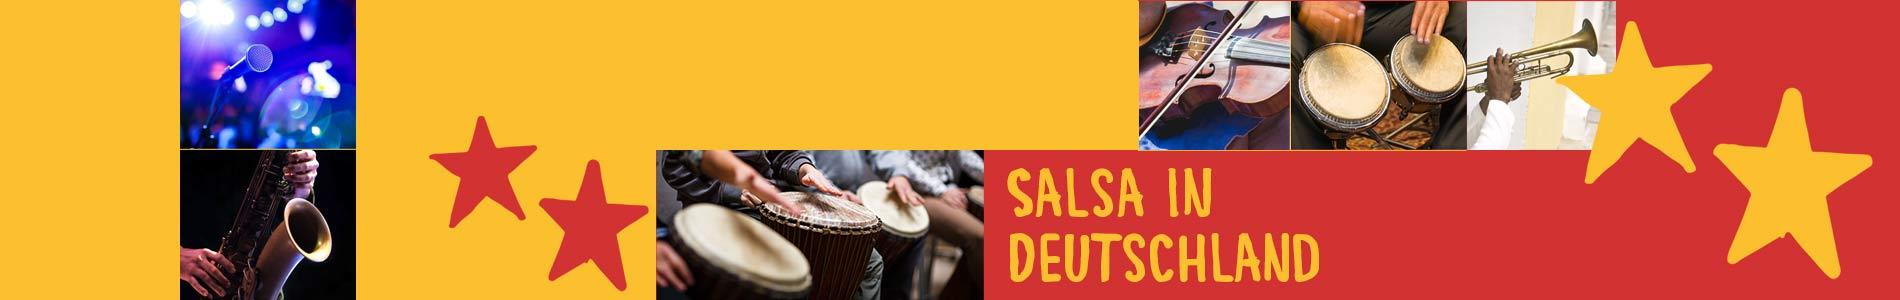 Salsa in Chorin – Salsa lernen und tanzen, Tanzkurse, Partys, Veranstaltungen